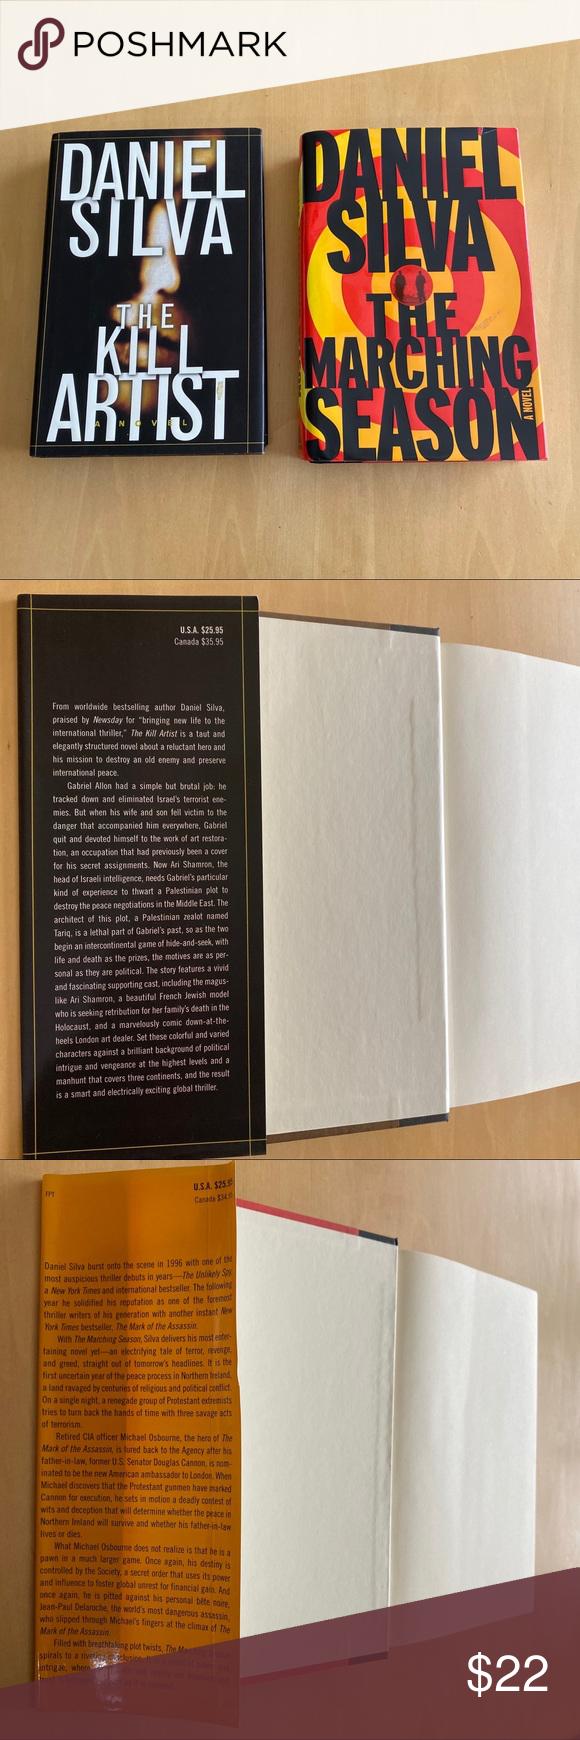 Daniel Silva (2) Hardcover Books The Kill Artist The